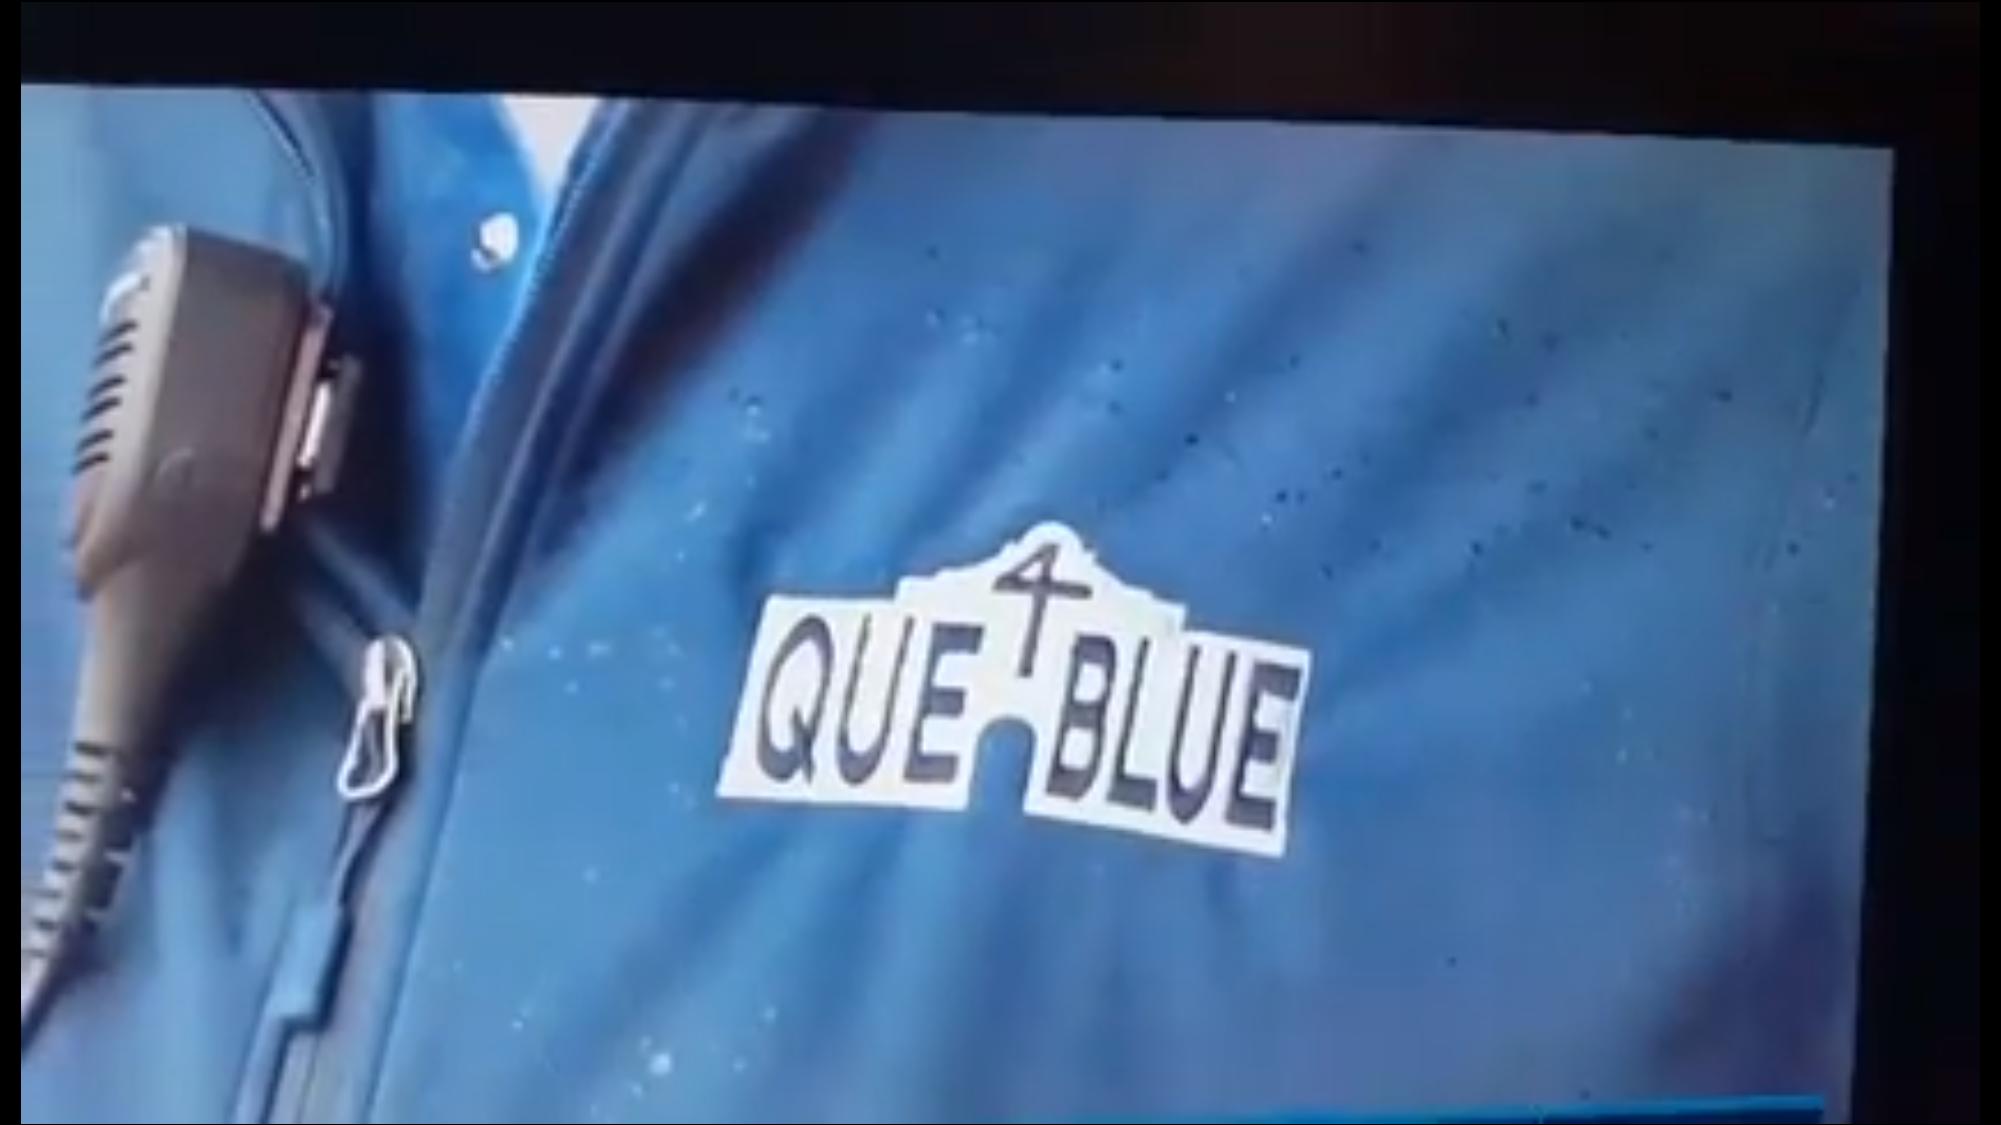 Q4Blue2016 (1)